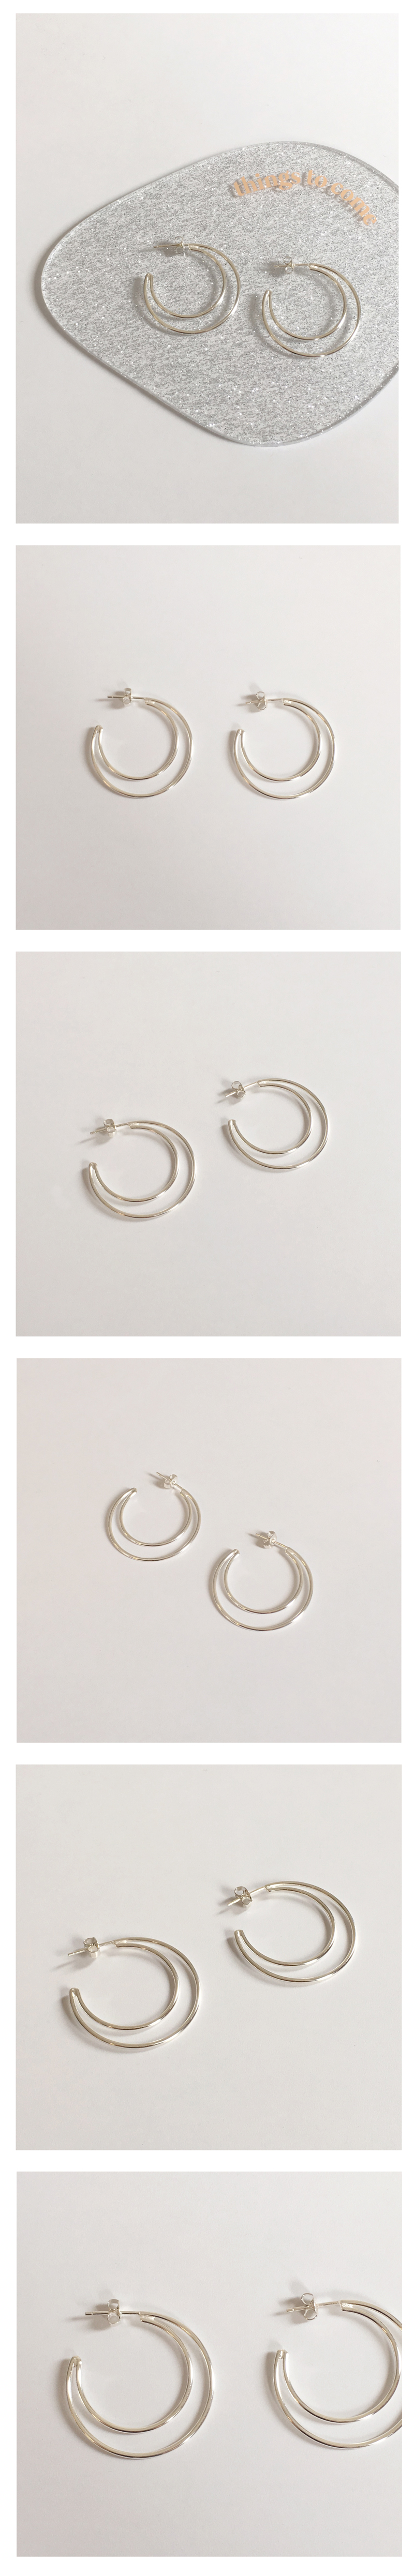 (silver925) new moon earring